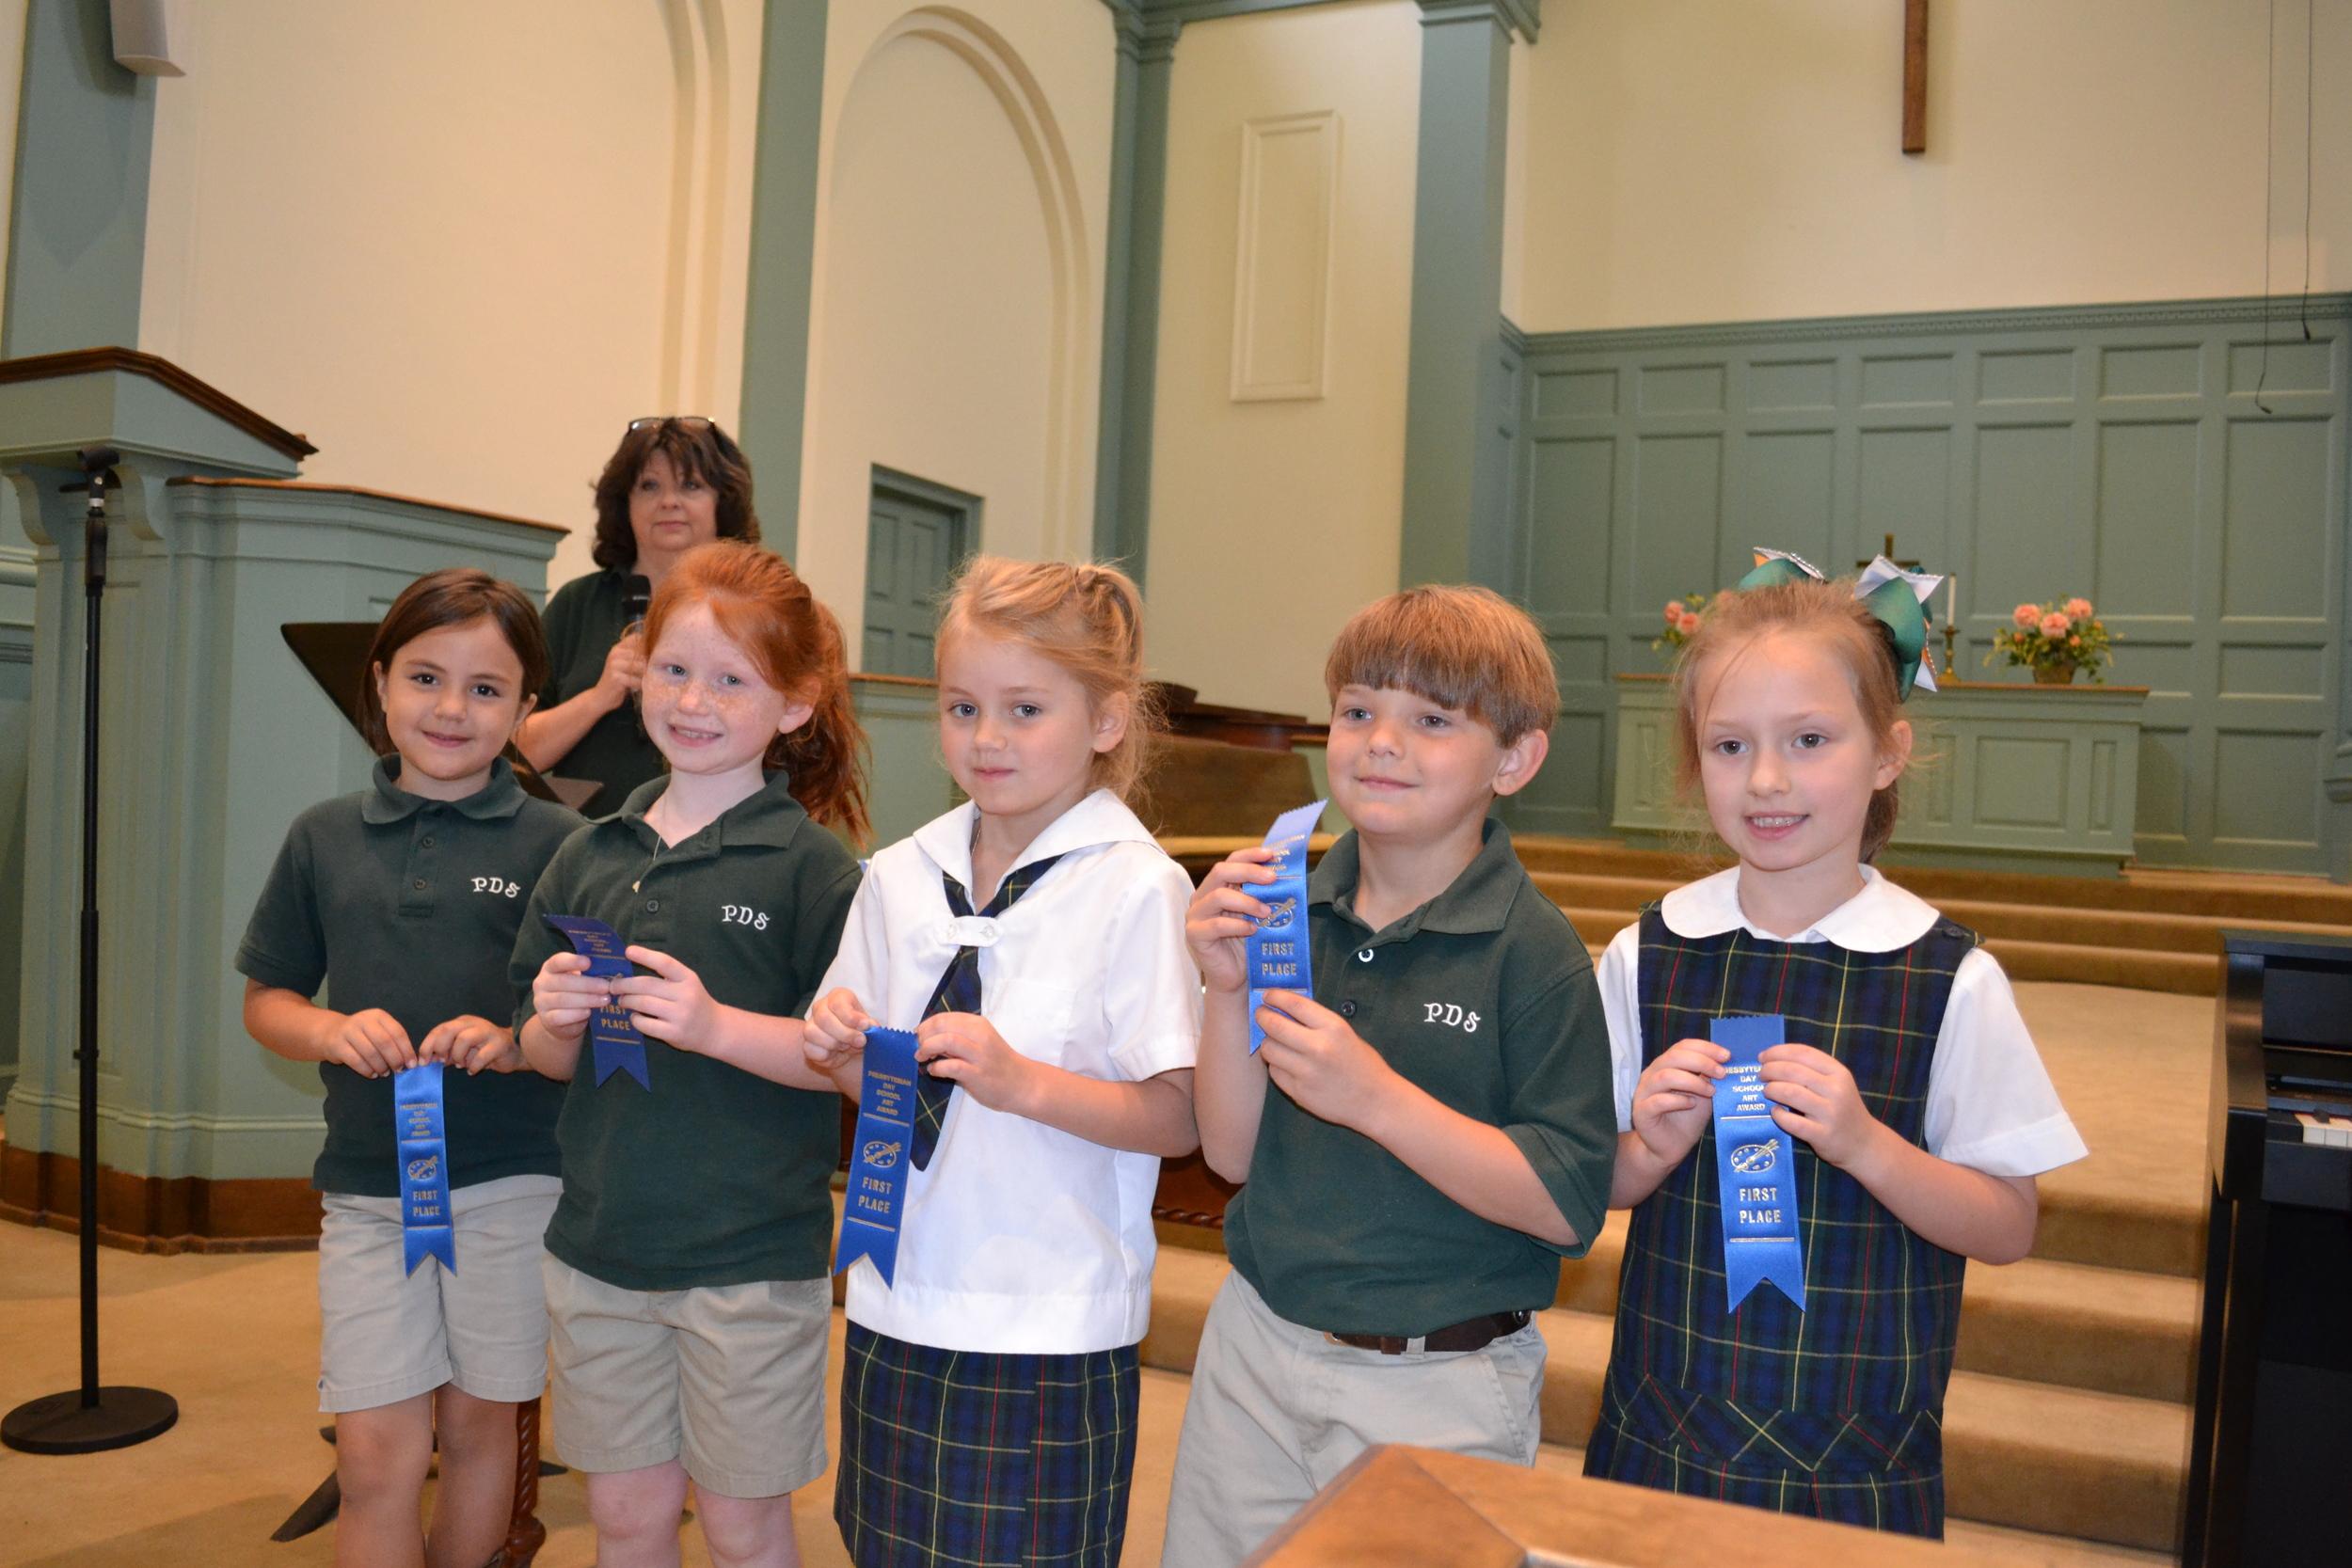 PDS art winners - 1st grade